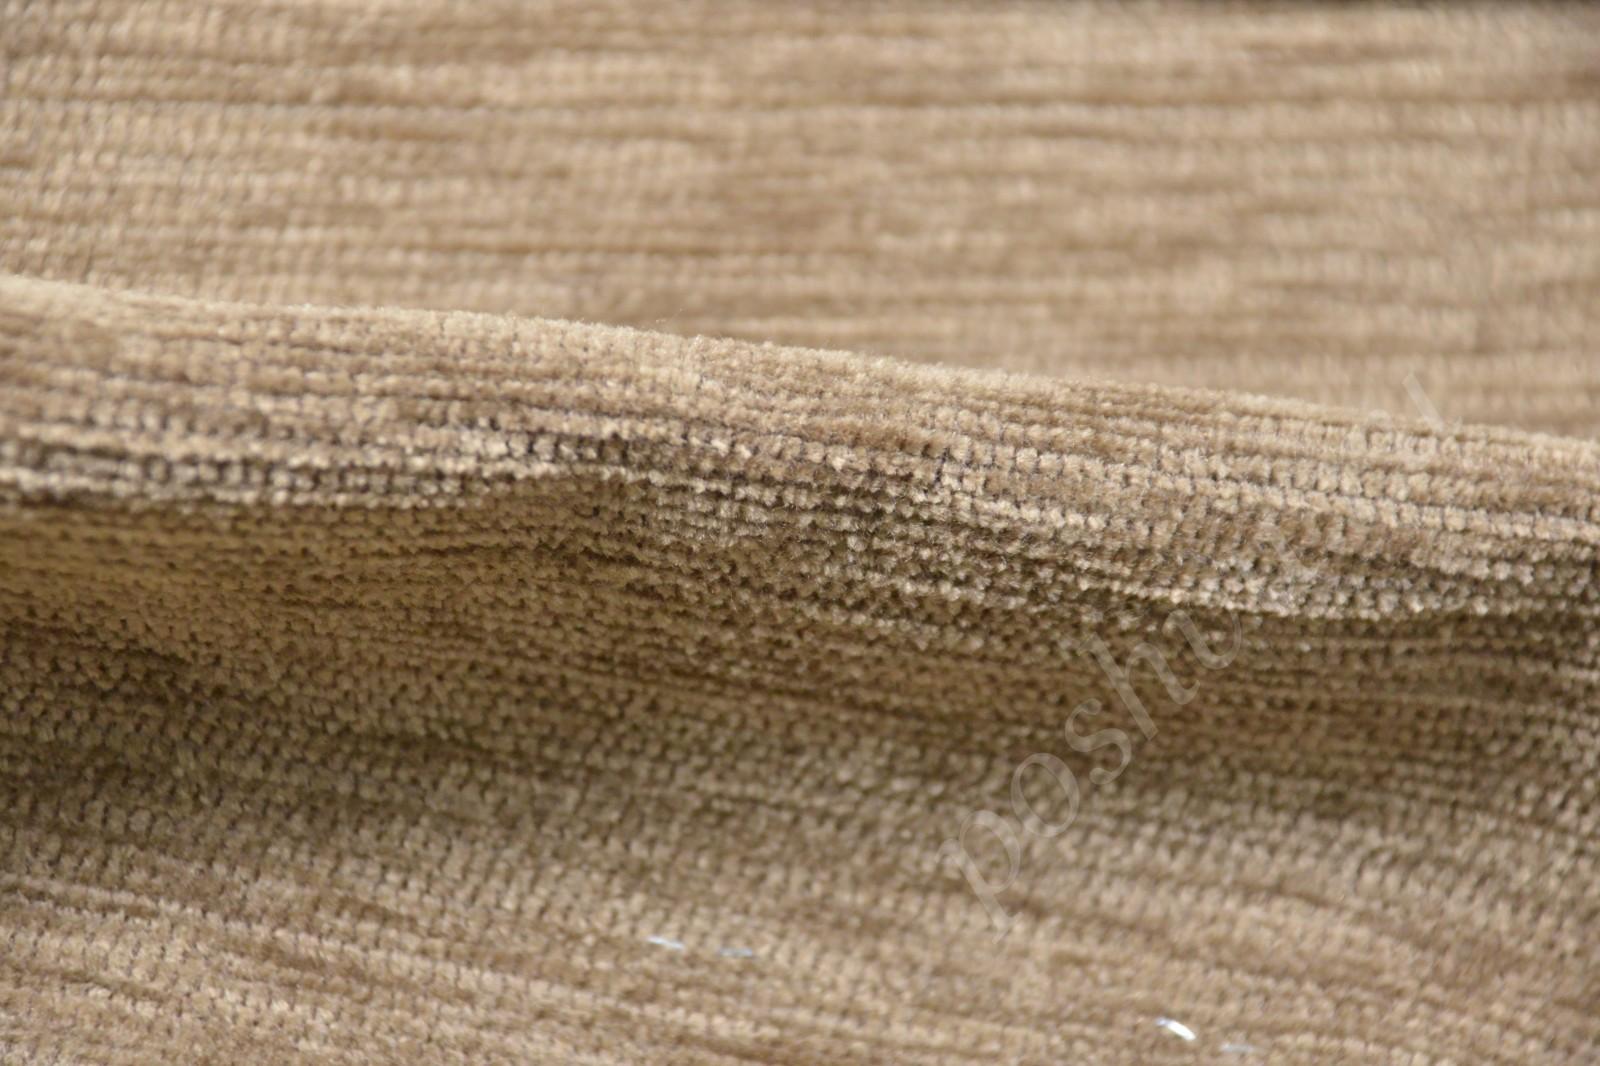 Шенил— что это за ткань? Особенности и правила ухода за тканью